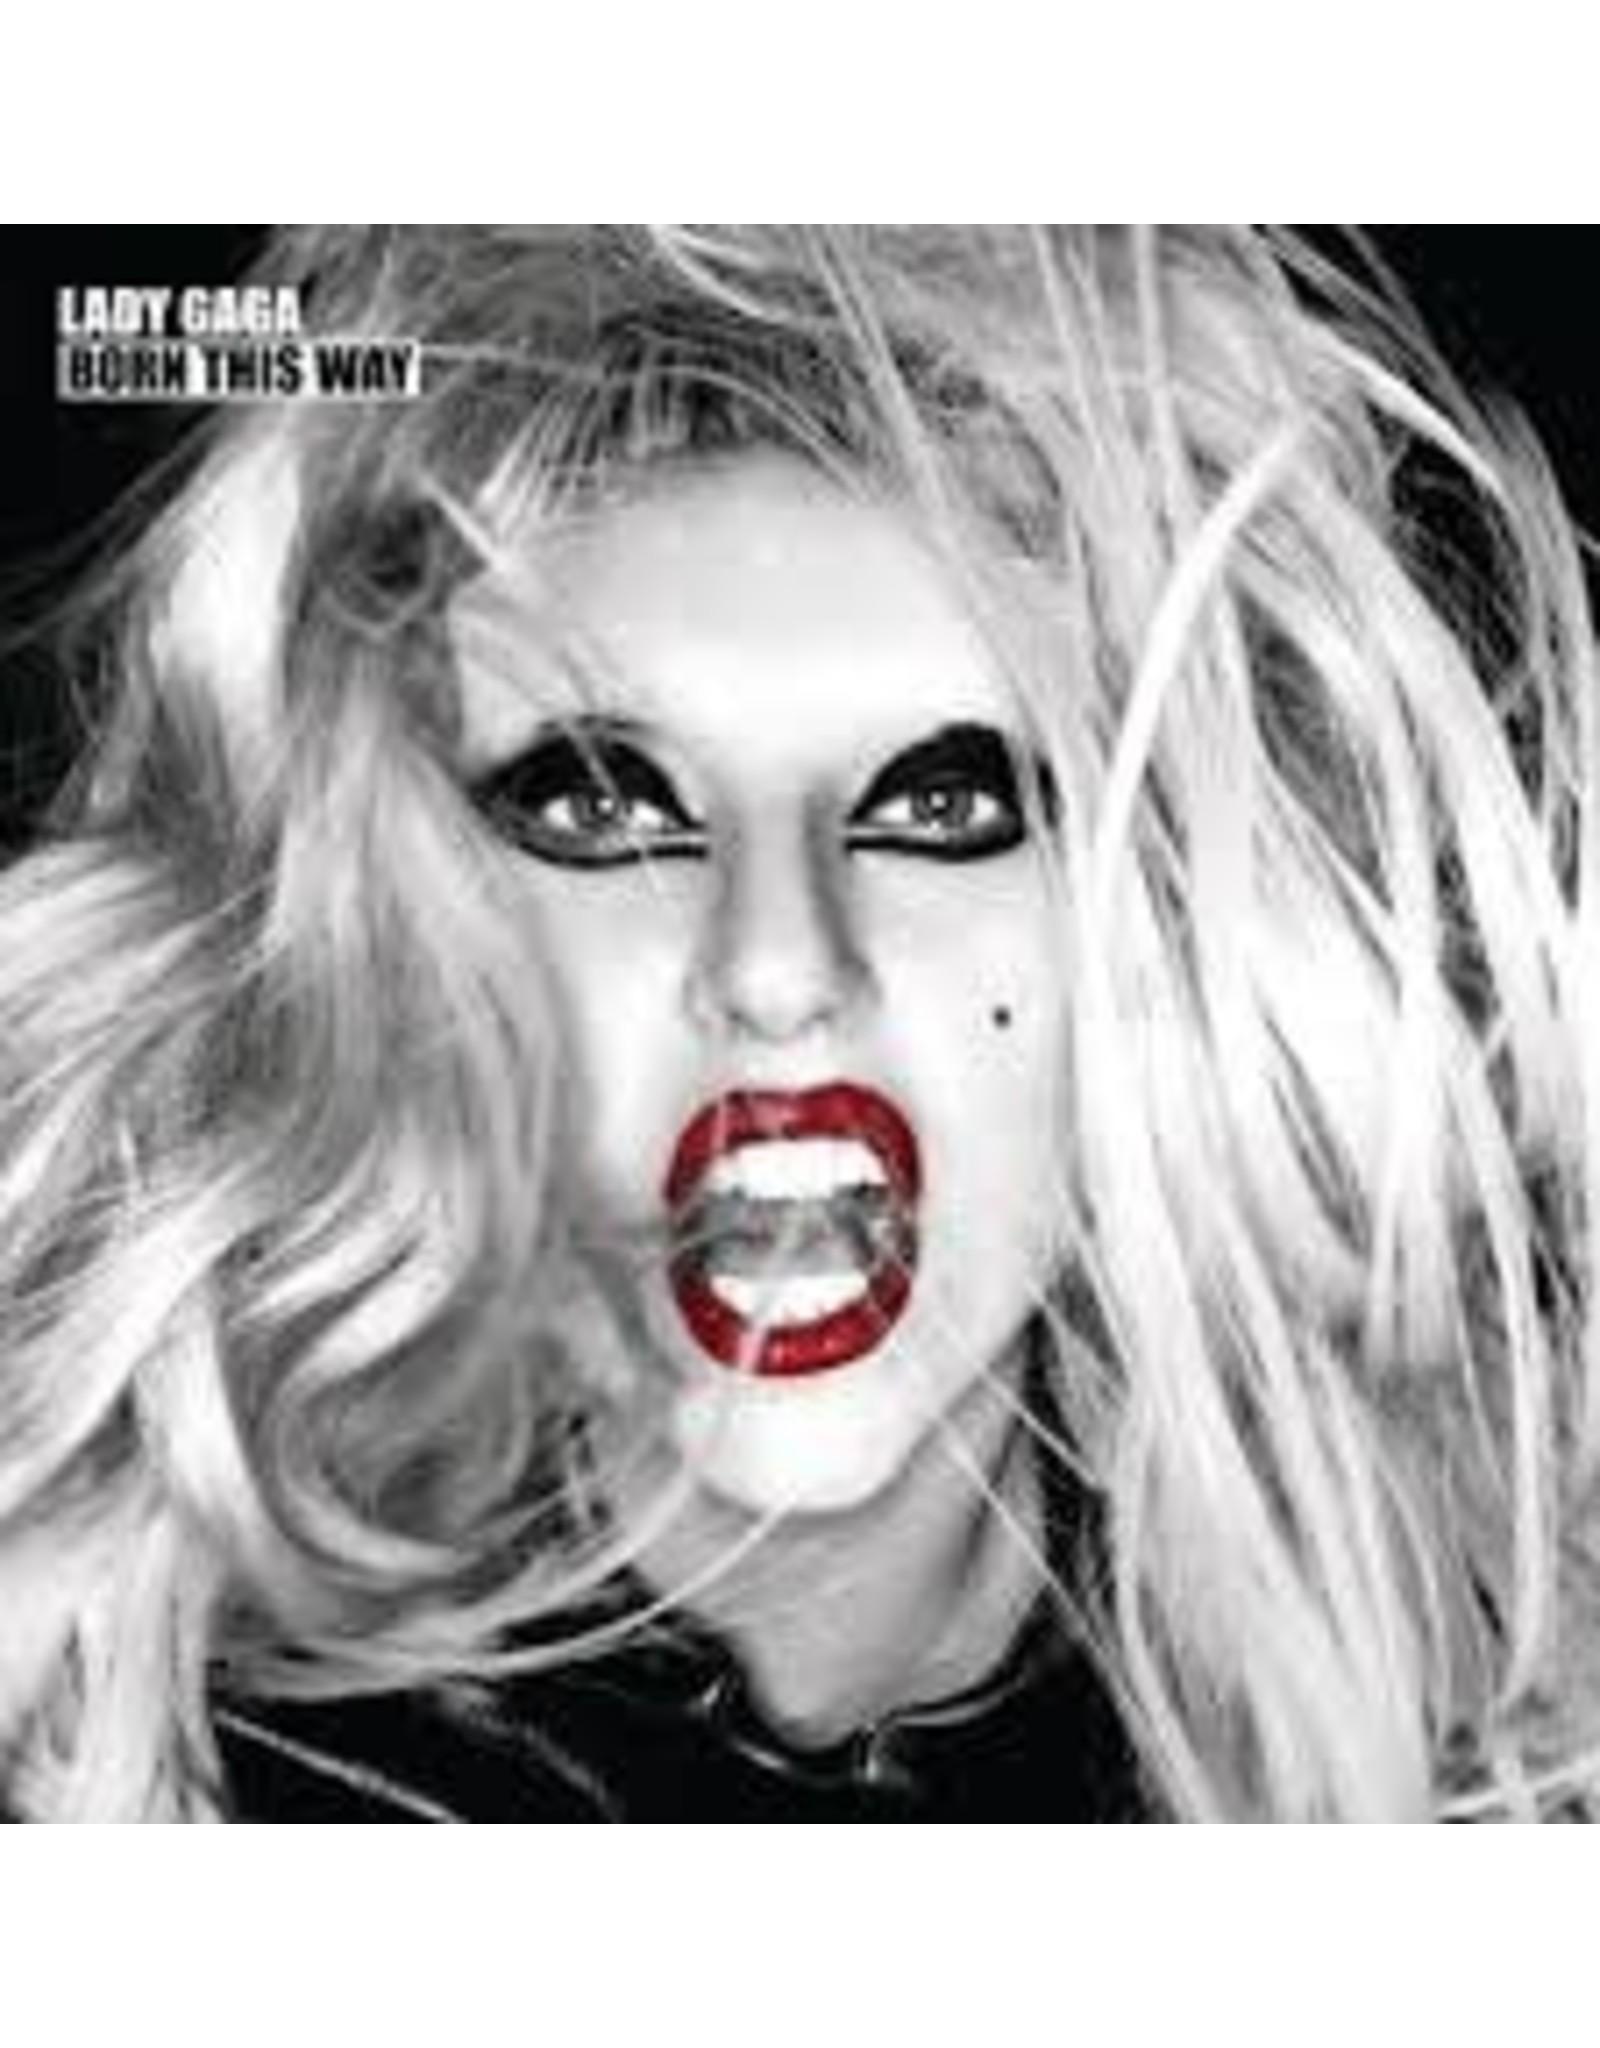 Vinyl Lady Gaga - Born This Way